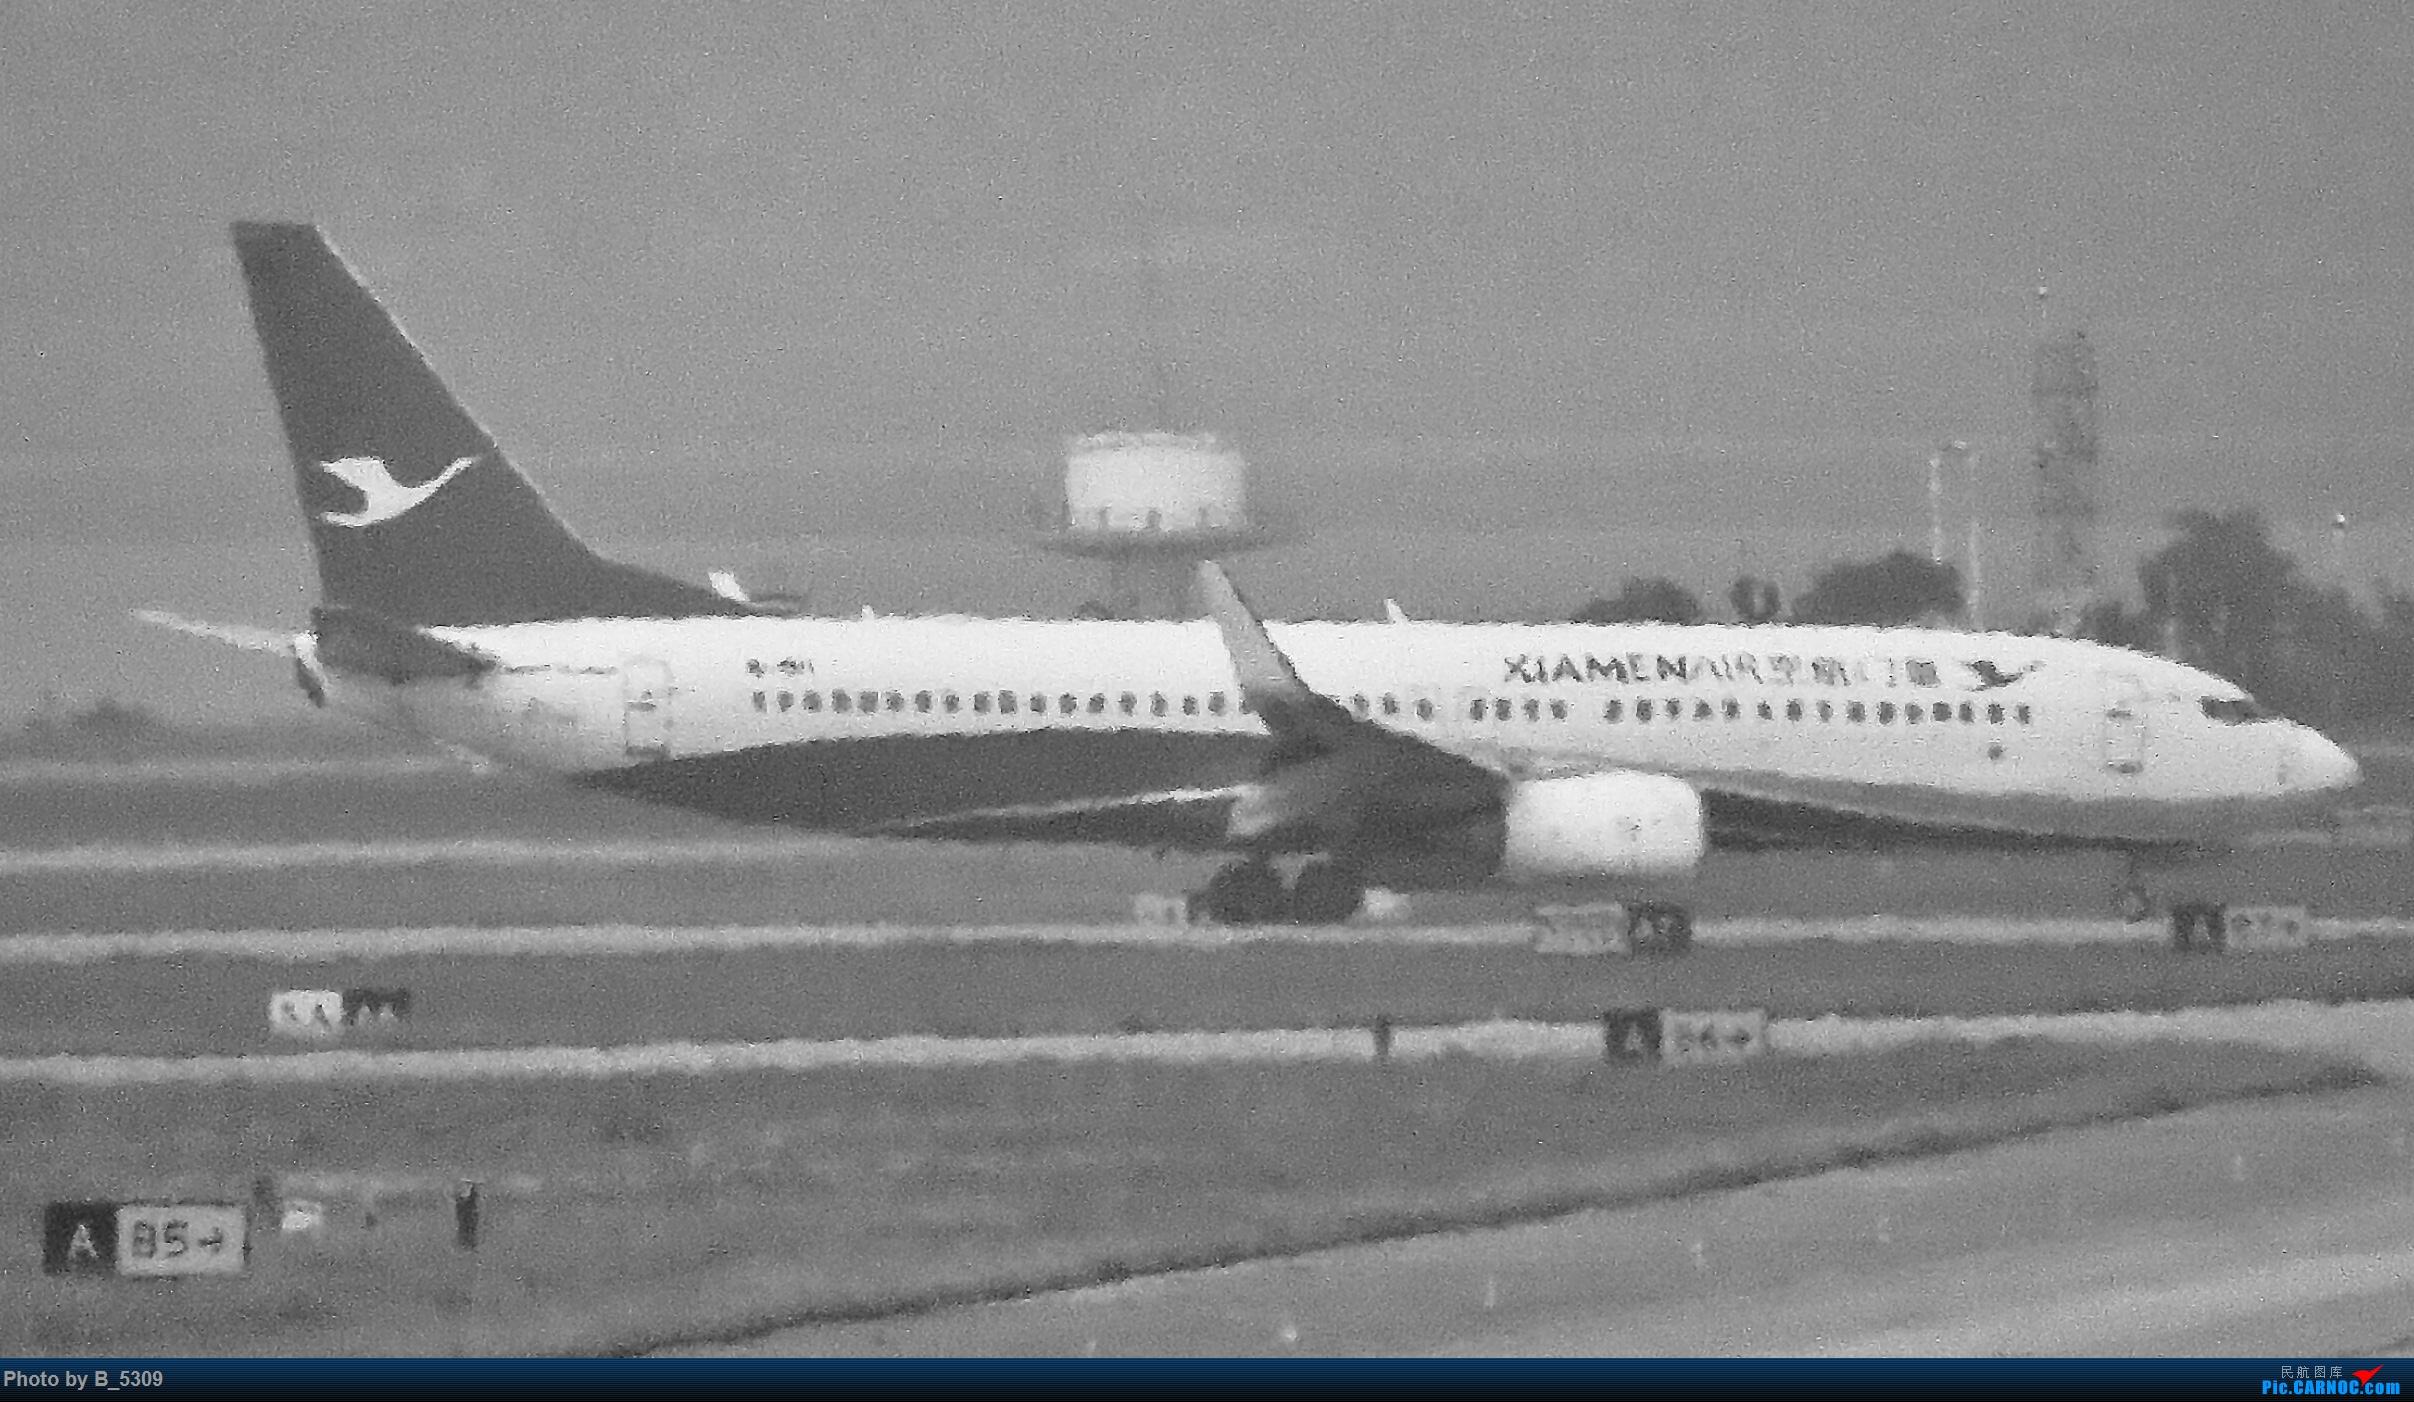 Re:[原创]当年那些令人无比后怕的照片 BOEING 737-800 B-1456 中国厦门高崎国际机场